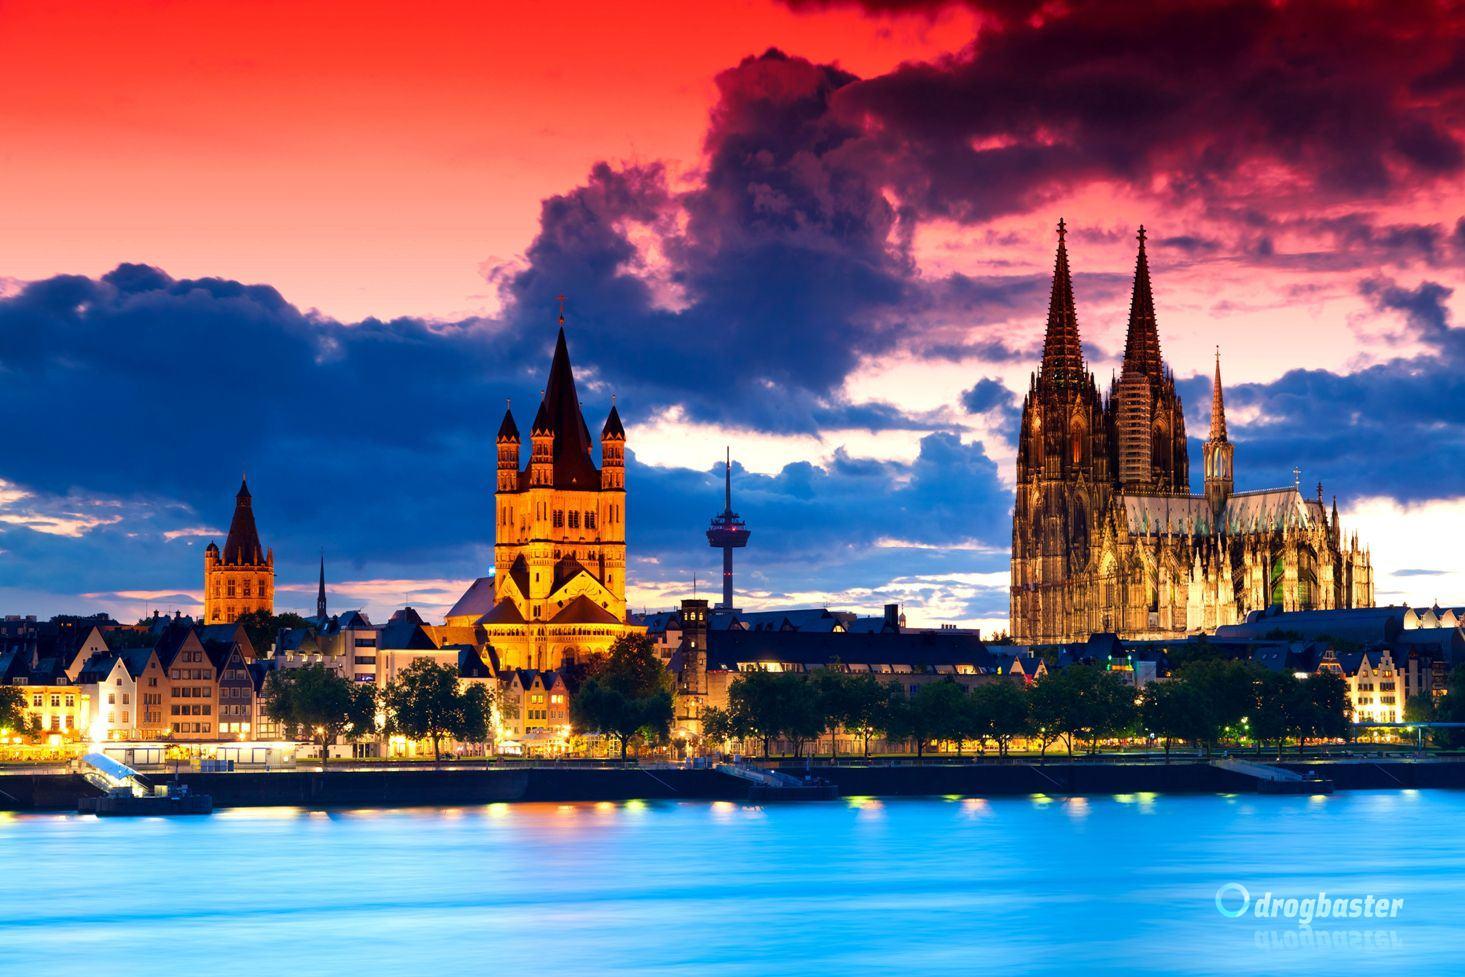 Immagini e sfondi hd delle città più belle del mondo